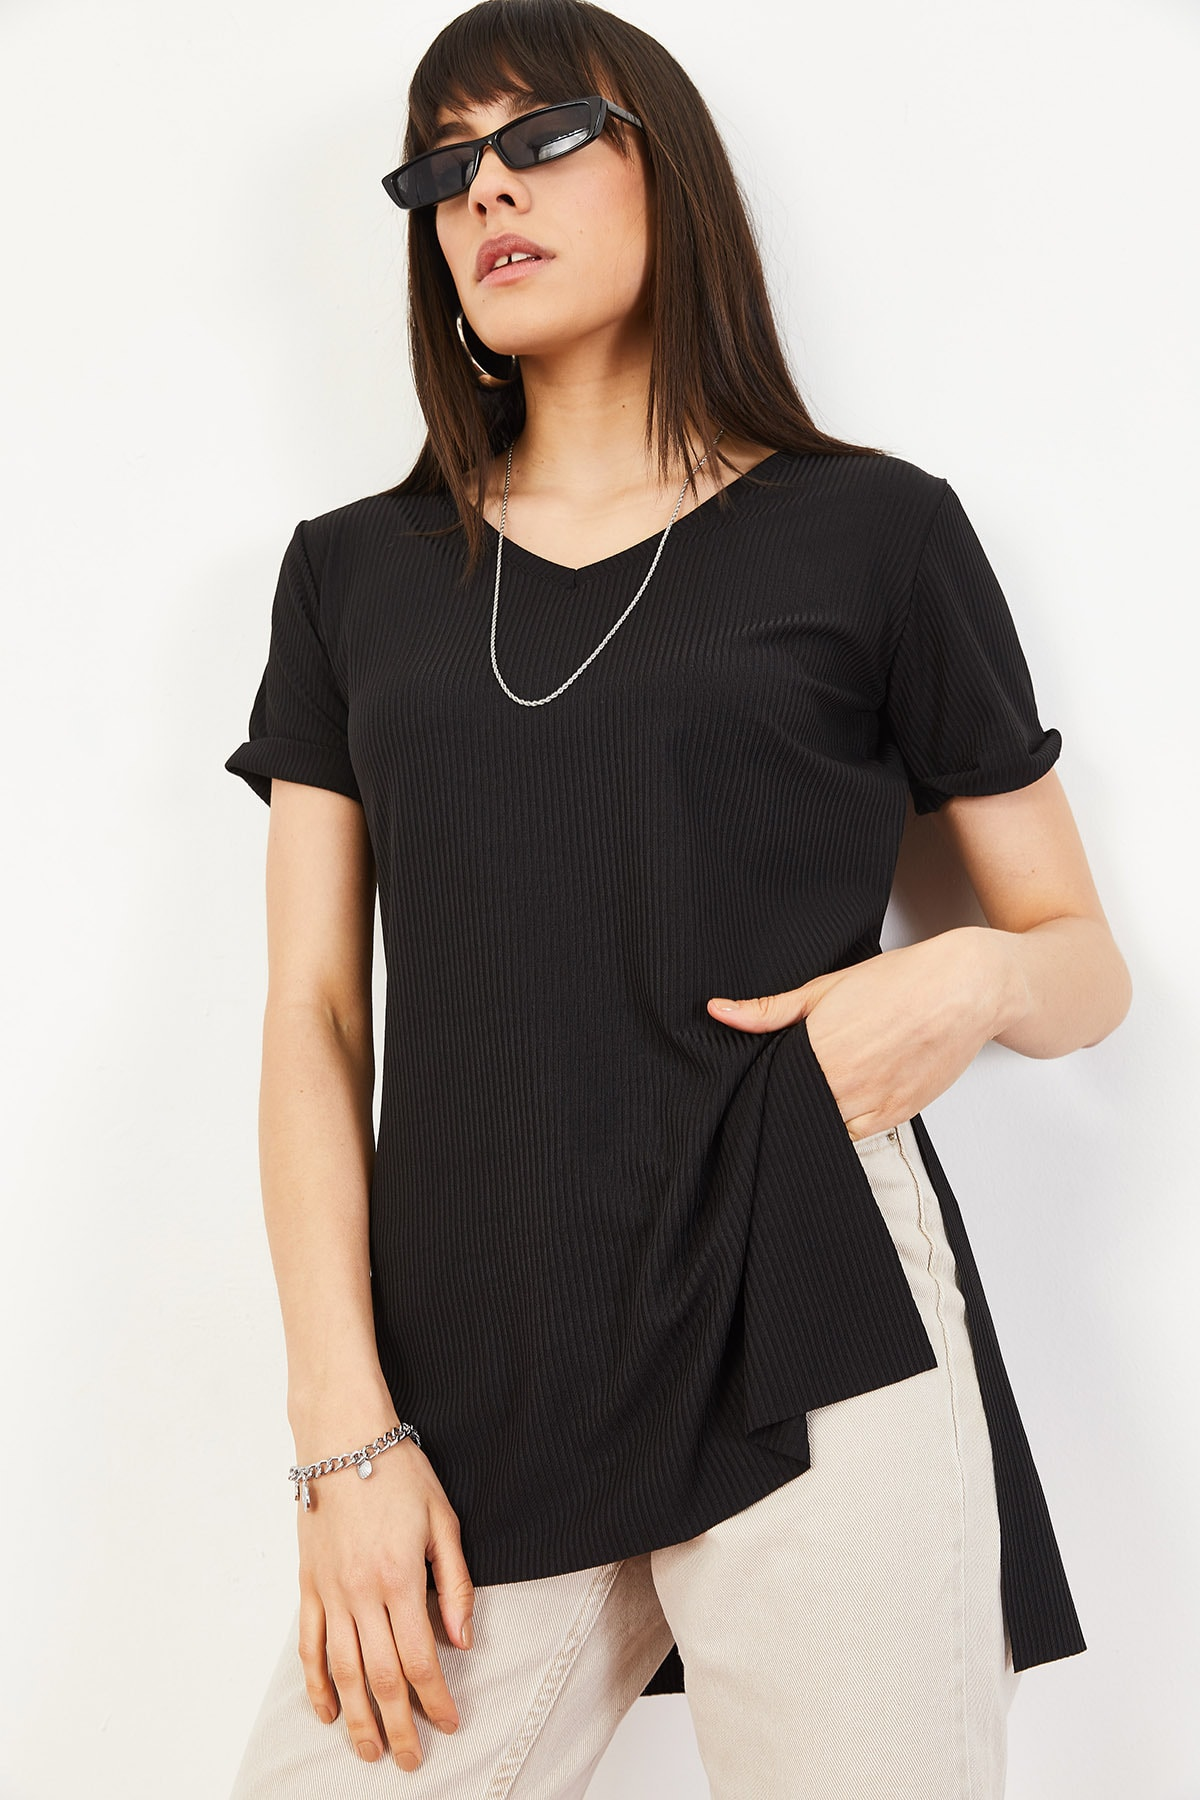 Bianco Lucci Kadın Siyah Kol Yan Yırtmaçlı Kol Detay Kaşkorse T-Shirt 10051012 1